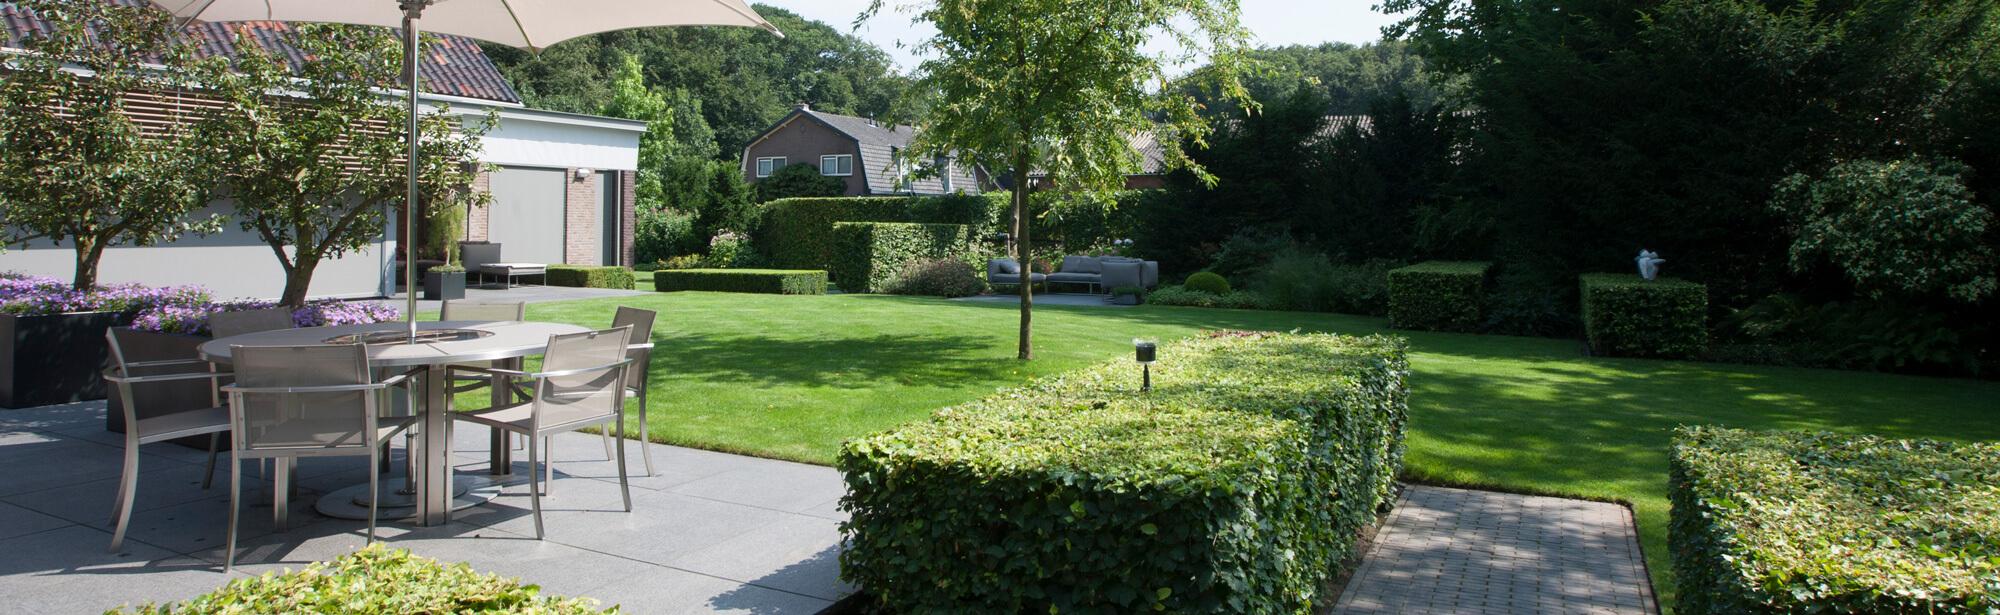 Sfeerafbeelding voor pagina tuinaanleg - Luijendijk Hoveniers